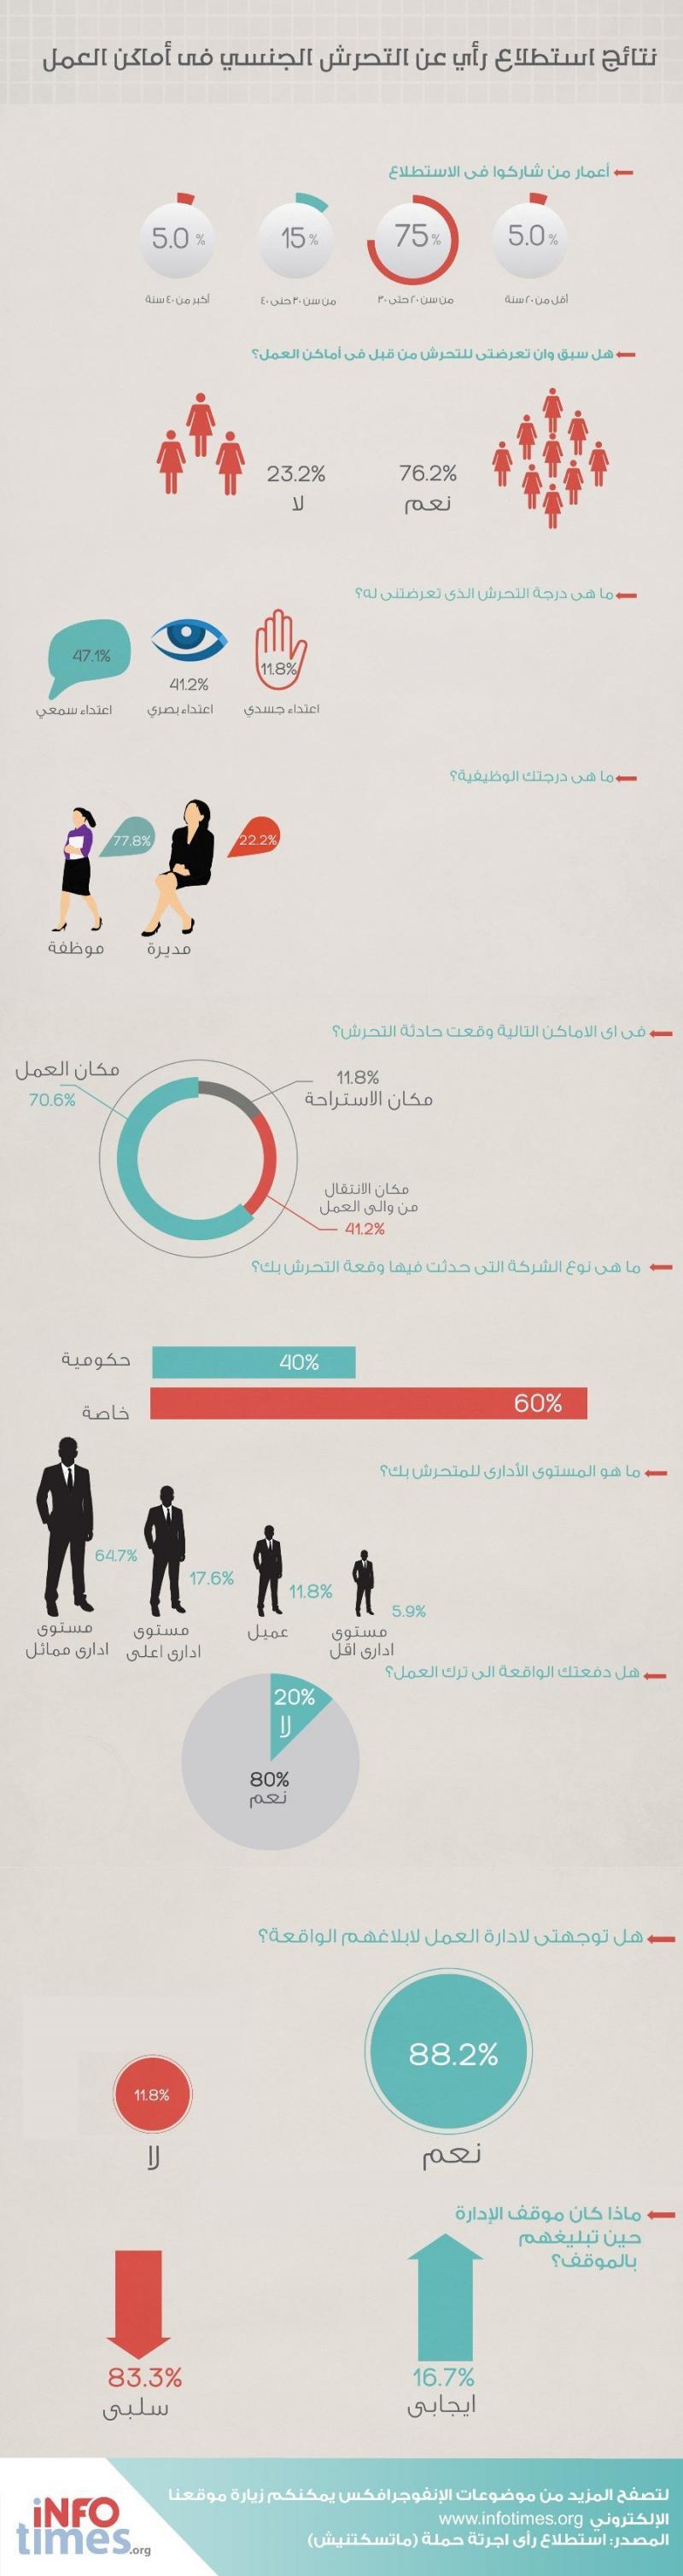 نتائج استطلاع الرأي التحرش الجنسي في أماكن العمل #انفوجرافيك